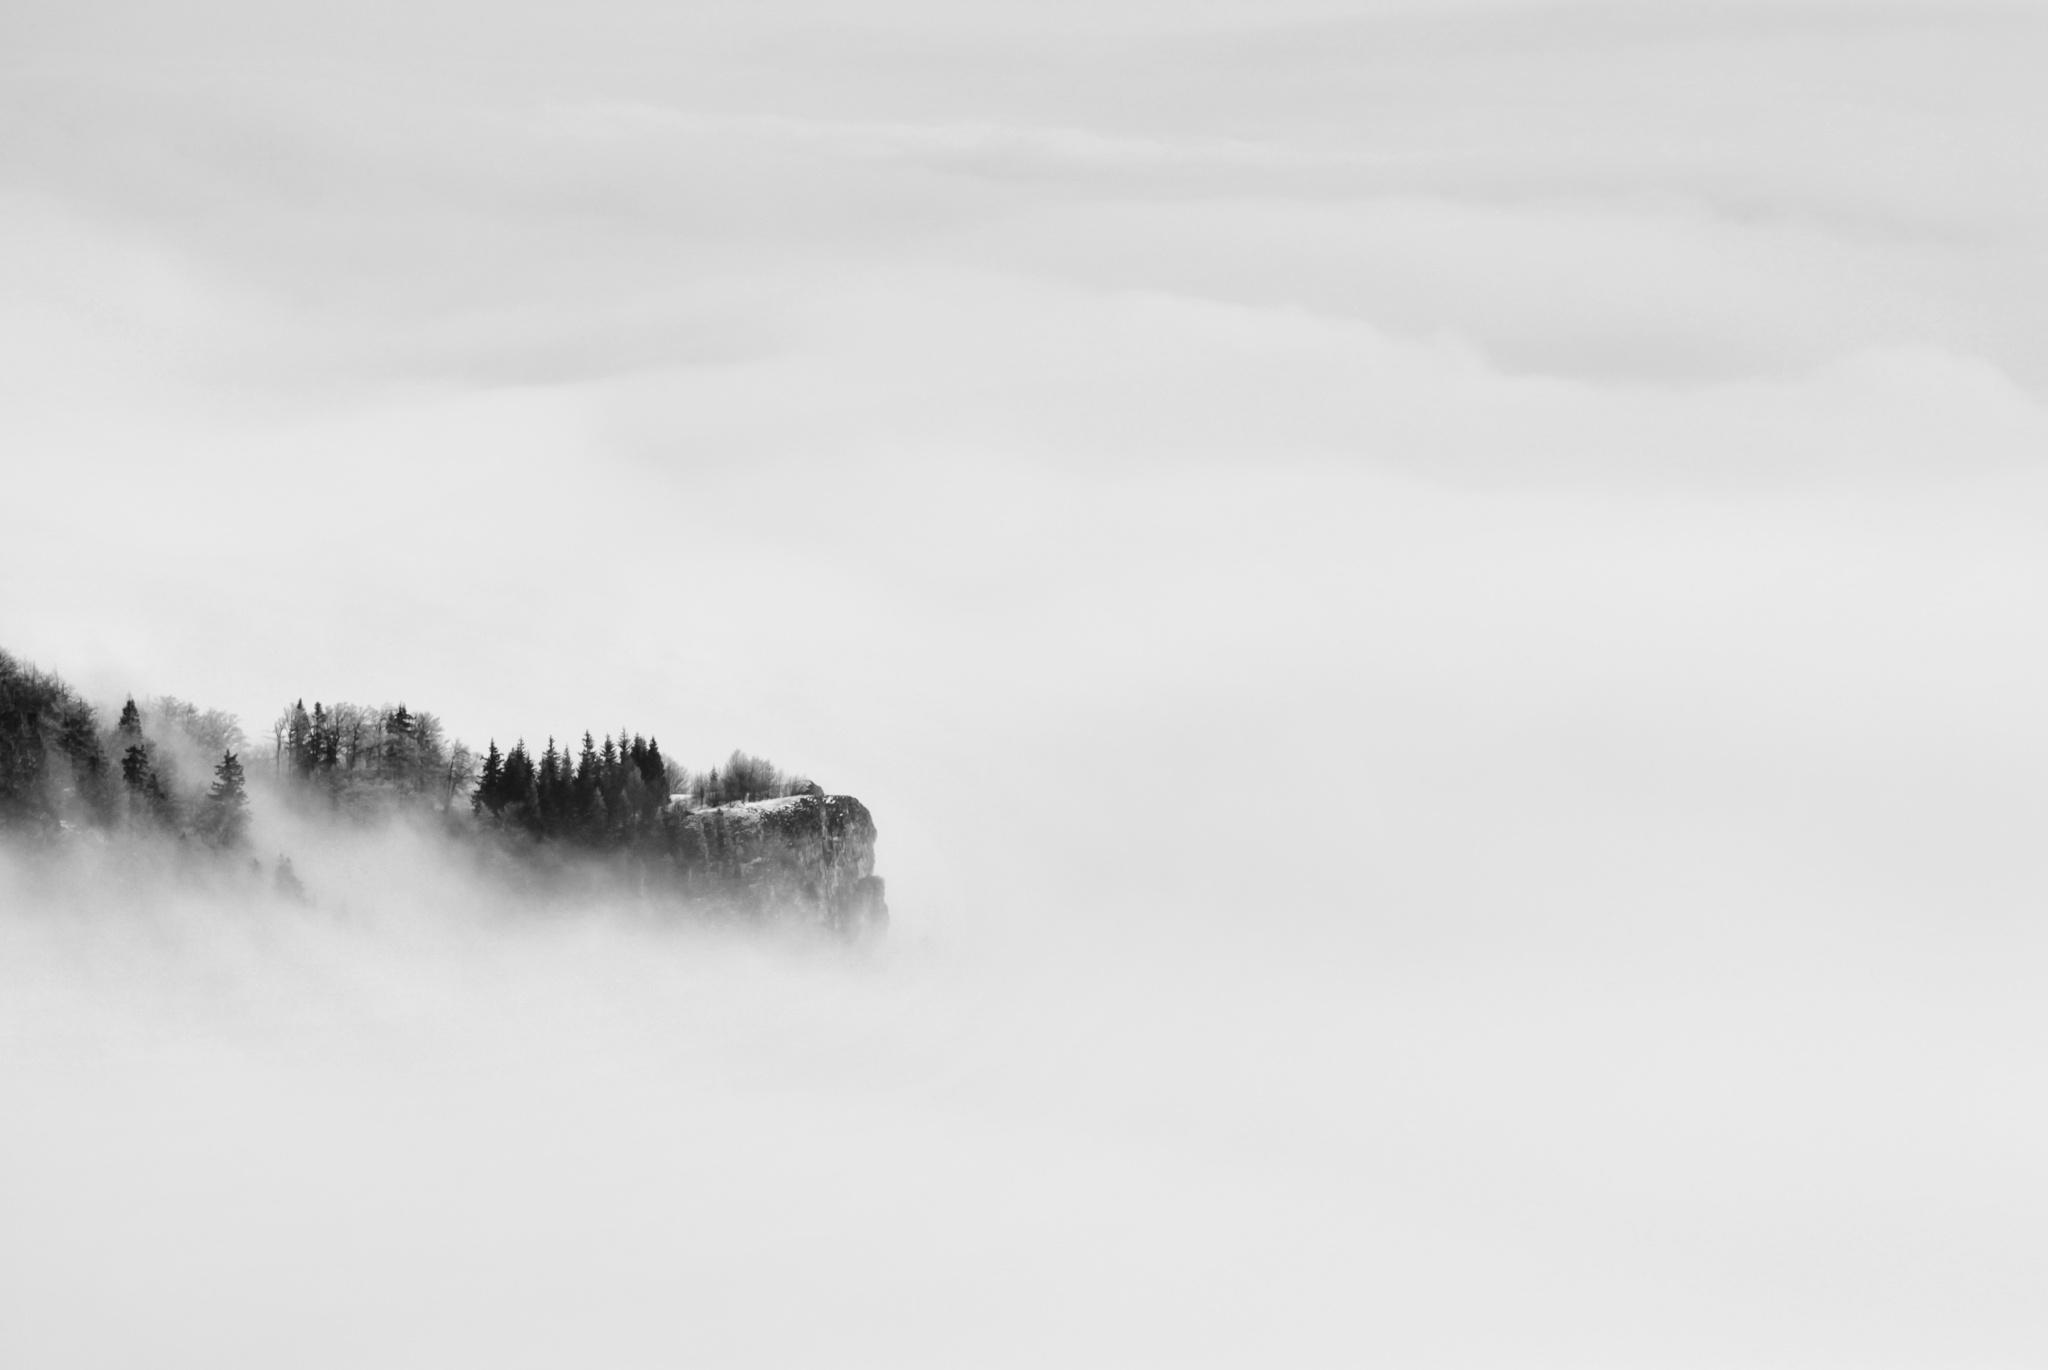 Erstellen Sie minimalistische Fotos und entdecken Sie die Schönheit im Einfachen